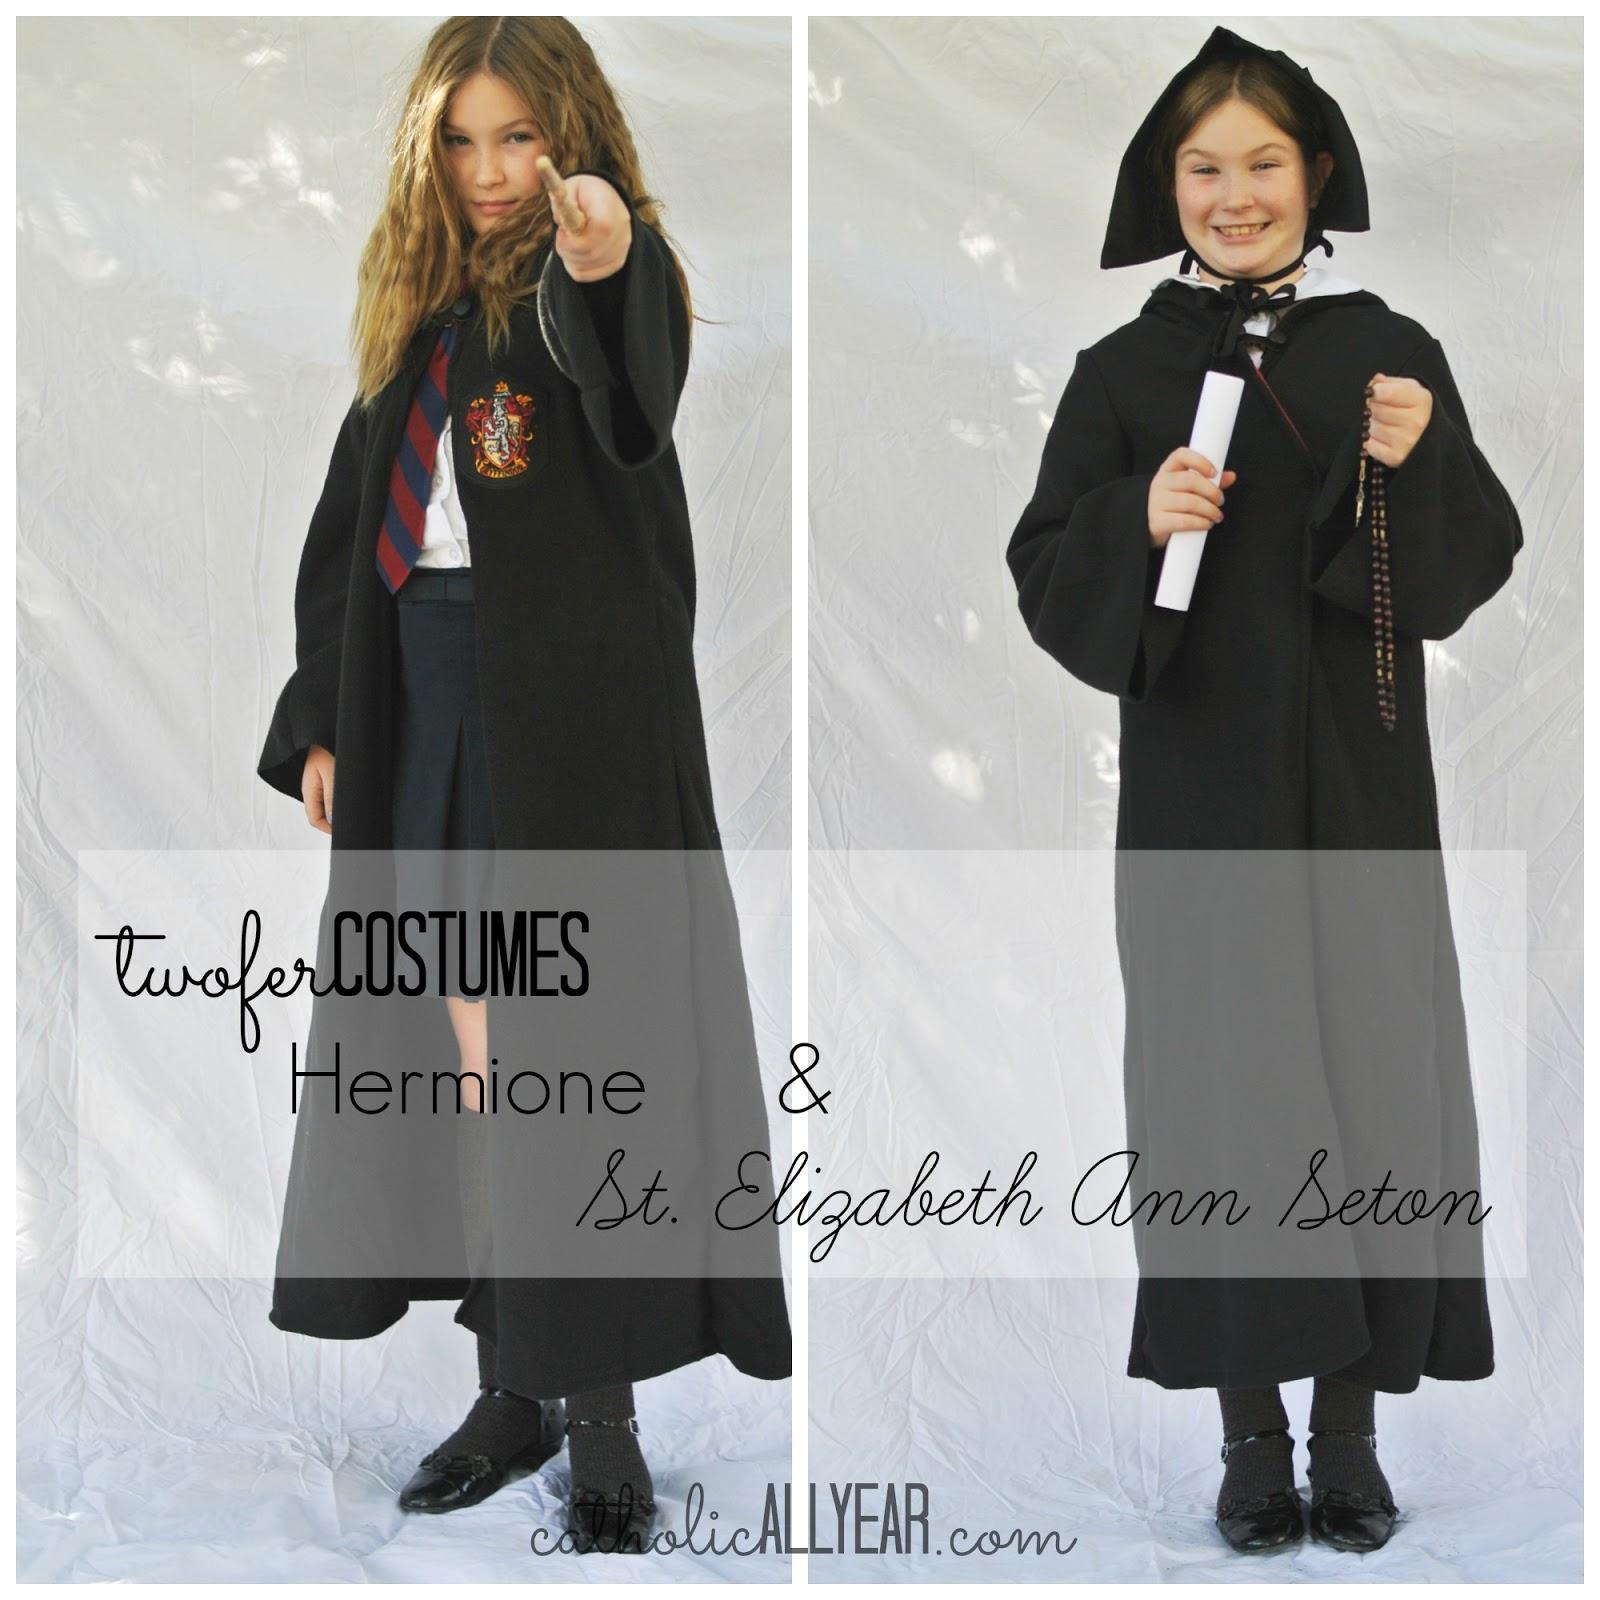 Catholic saint costumes